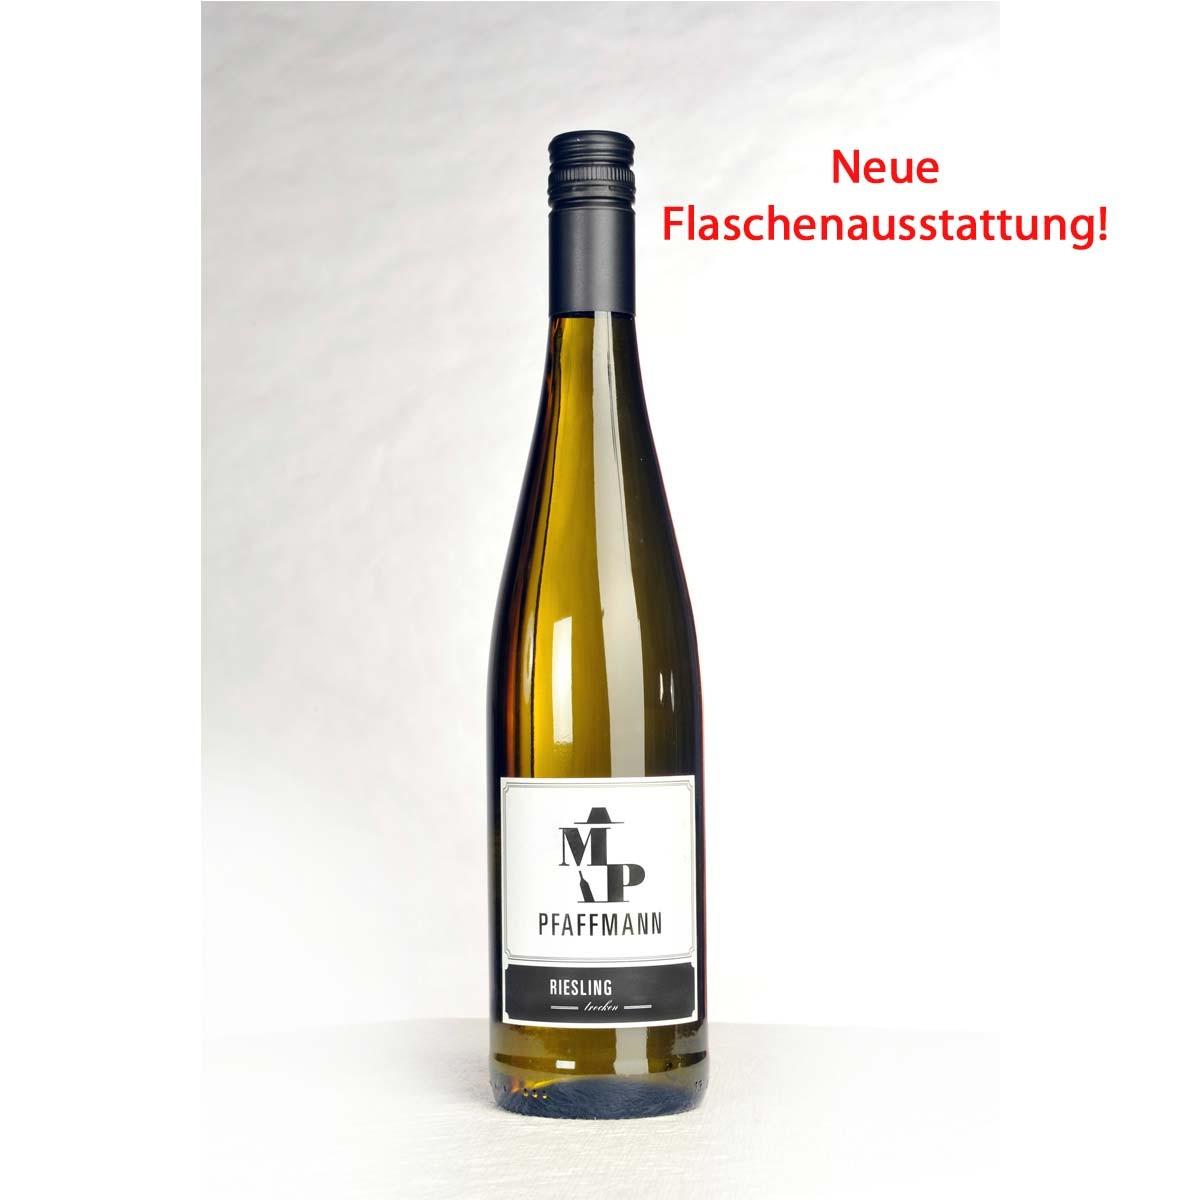 markus-pfaffmann-riesling